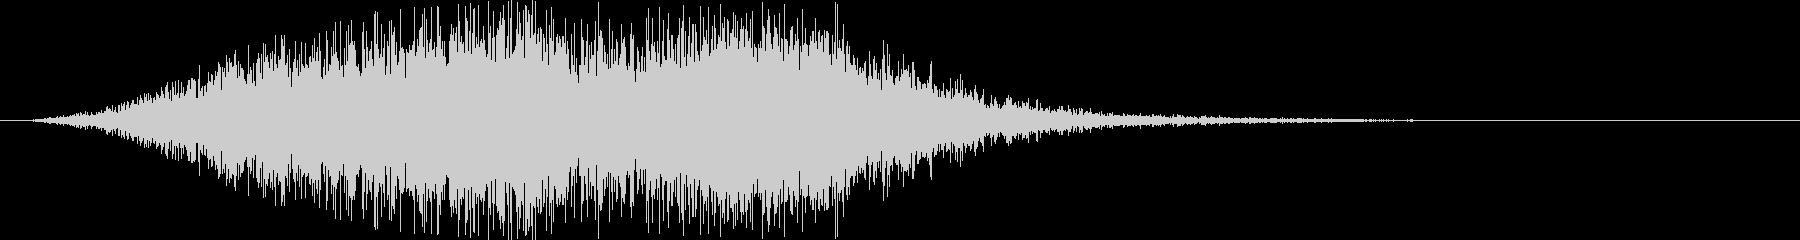 キック(スローモーション映像時の音)の未再生の波形